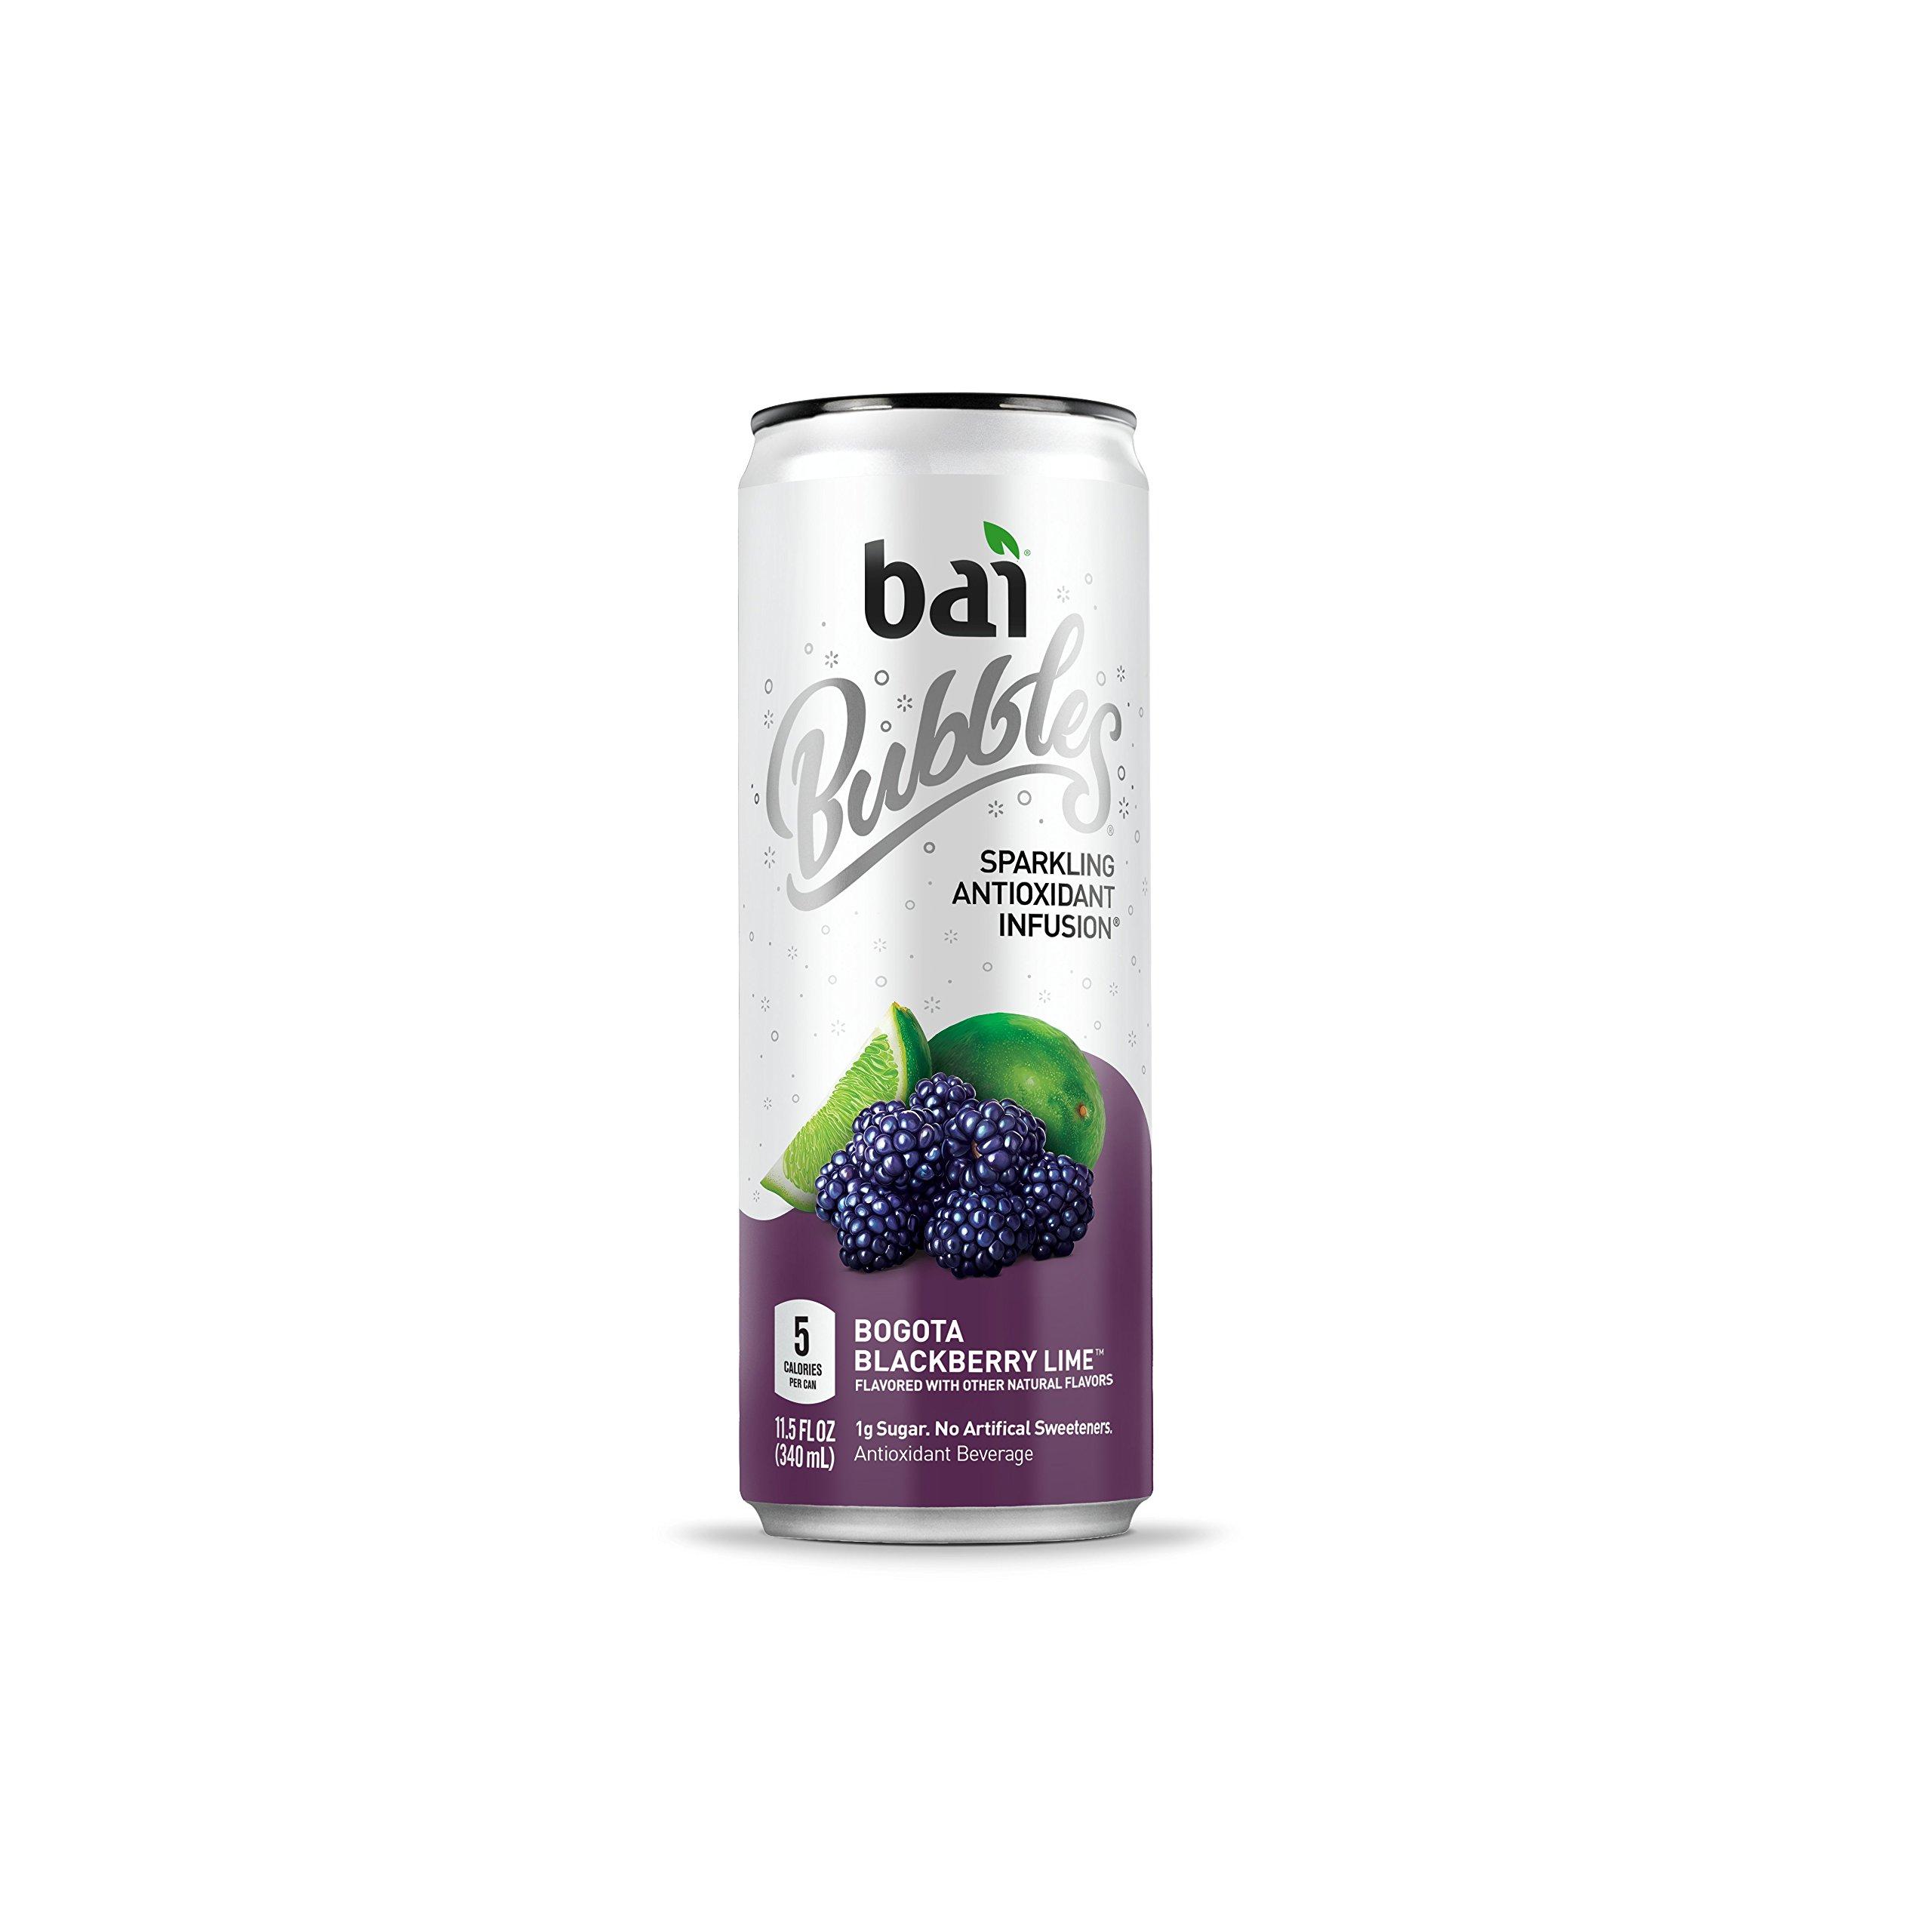 12-Pack 11.5oz Bai Bubbles Antioxidant Beverage $8.25 w/ S&S + Free S&H